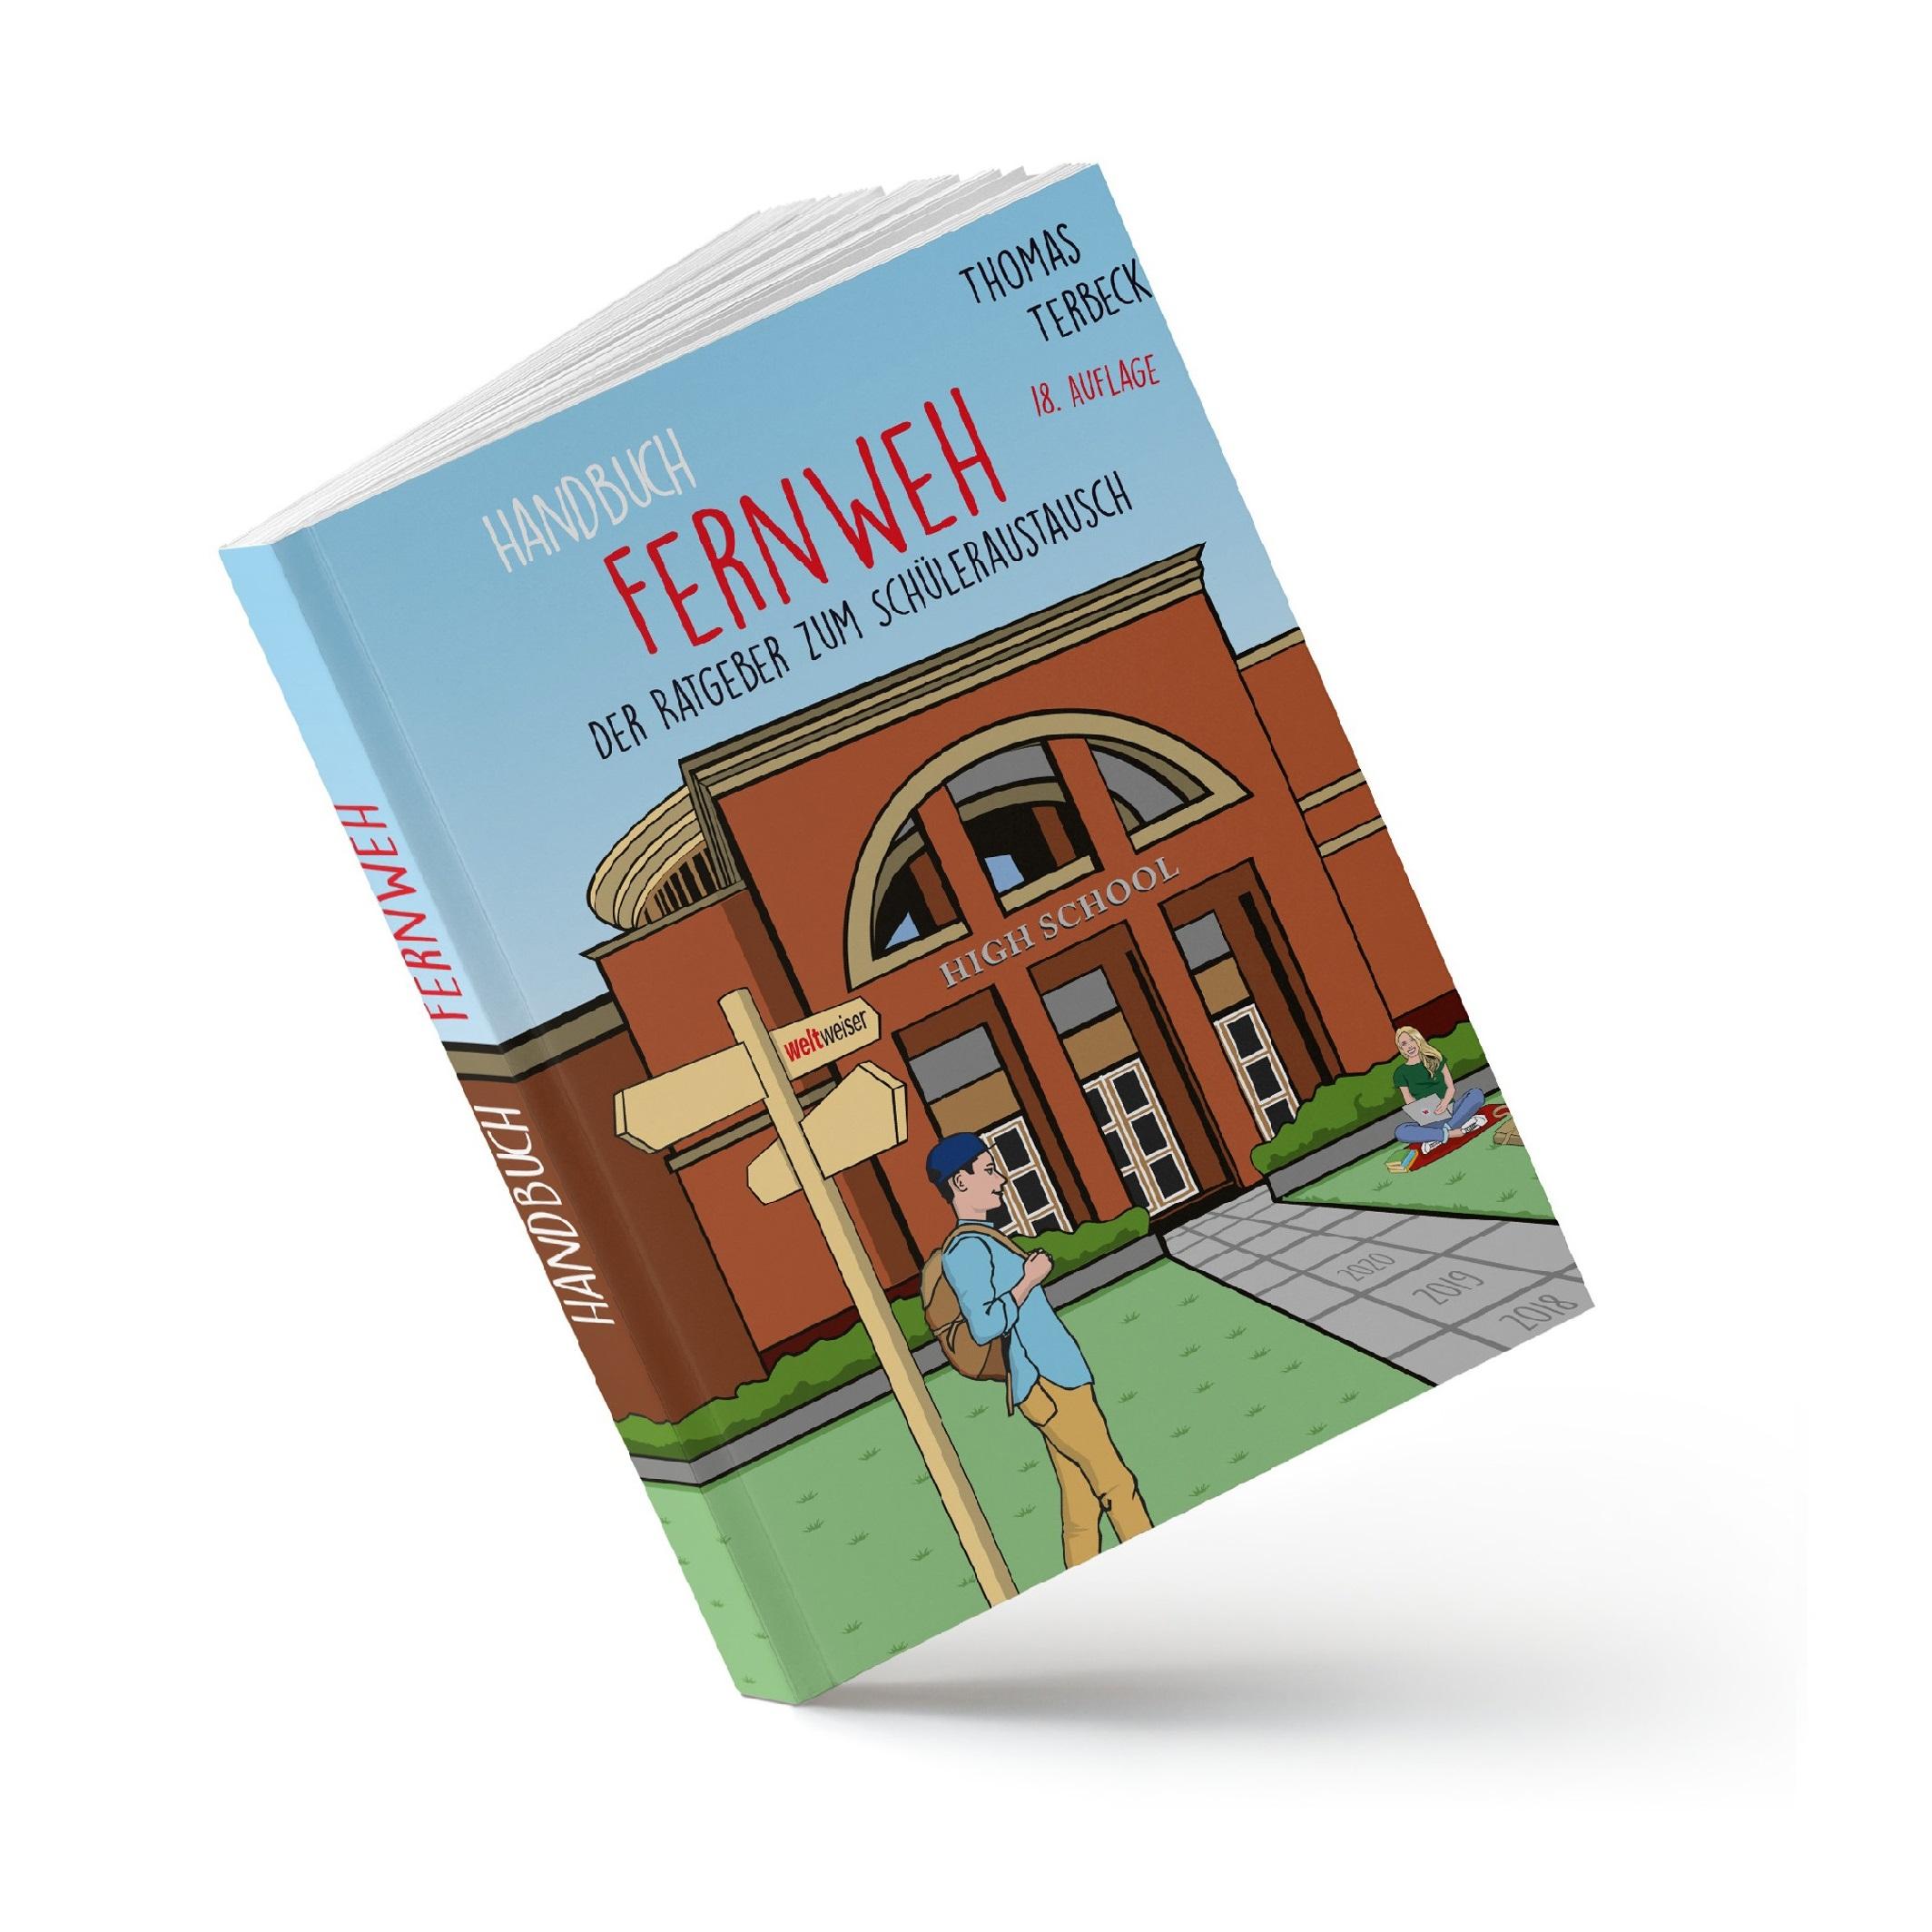 weltweiser · Handbuch Fernweh · Schüleraustausch